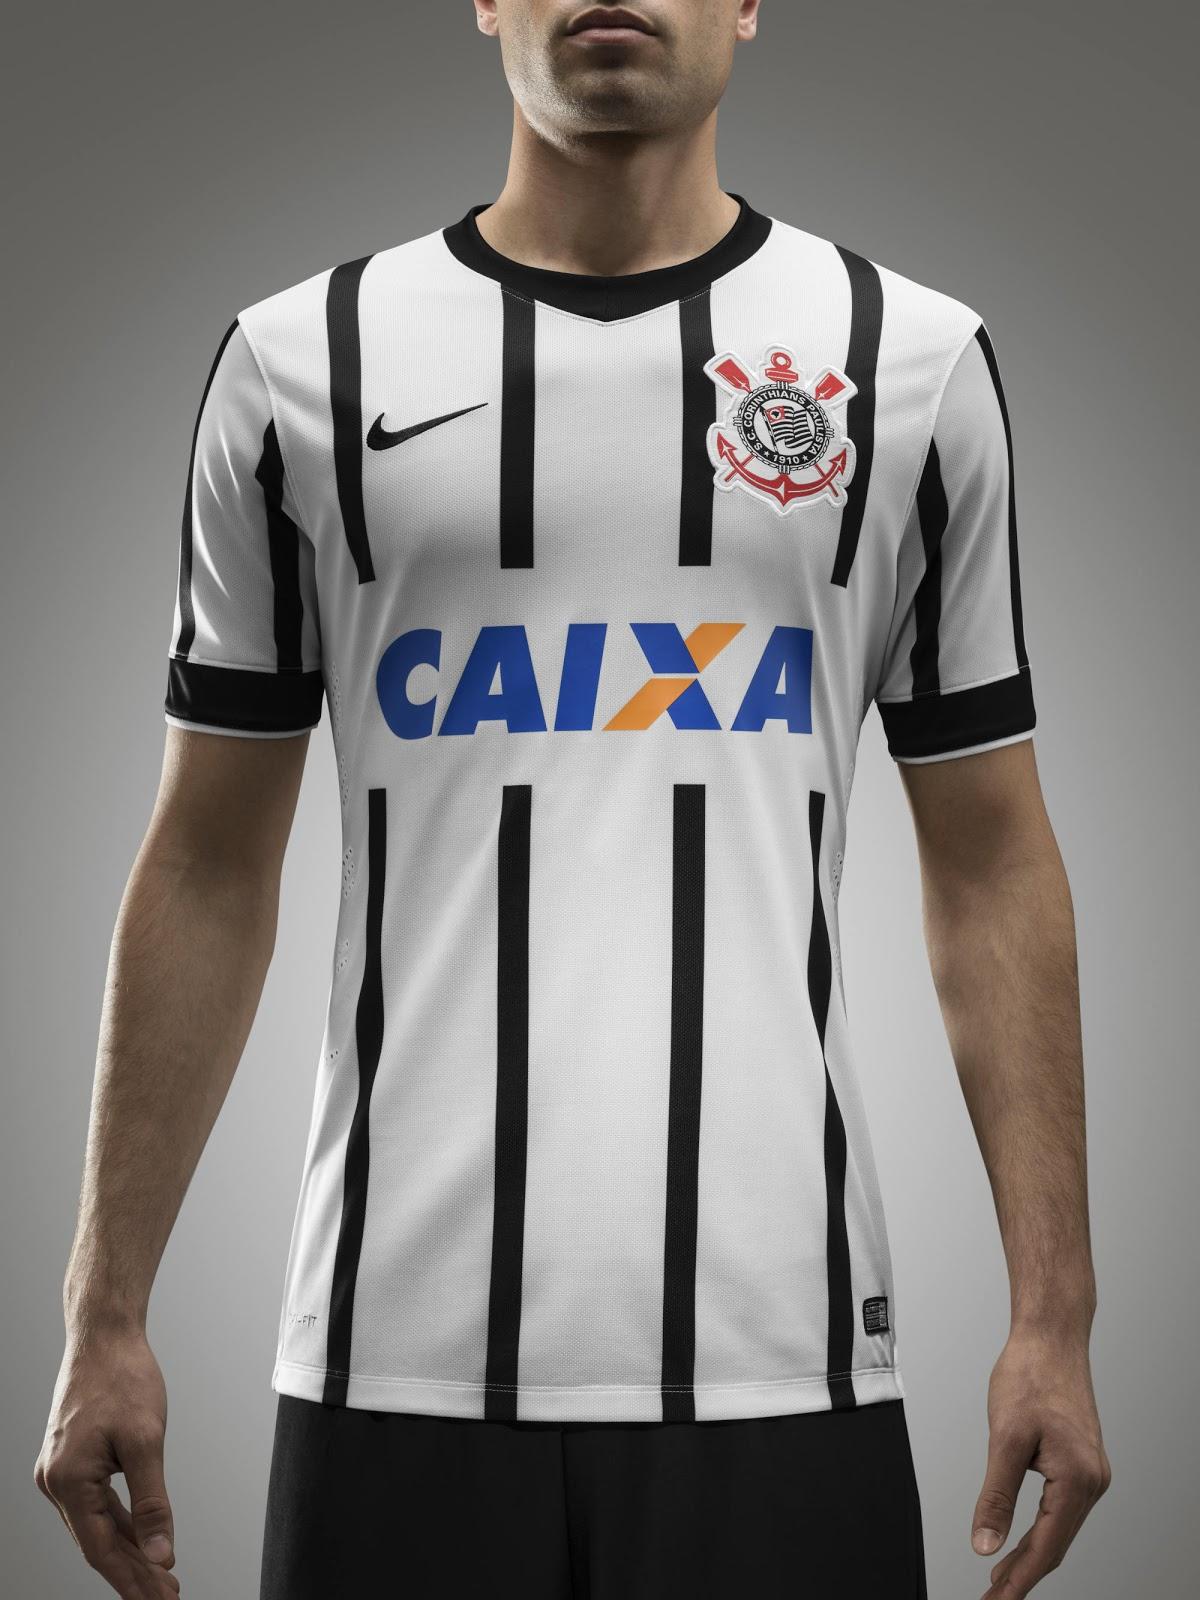 http://4.bp.blogspot.com/-NHNkHW8RMqg/U9NxI5r9plI/AAAAAAAAVHw/1Q11lAFUtTw/s1600/Nike-Corinthians-14-15-Home-Kit+(1).jpg